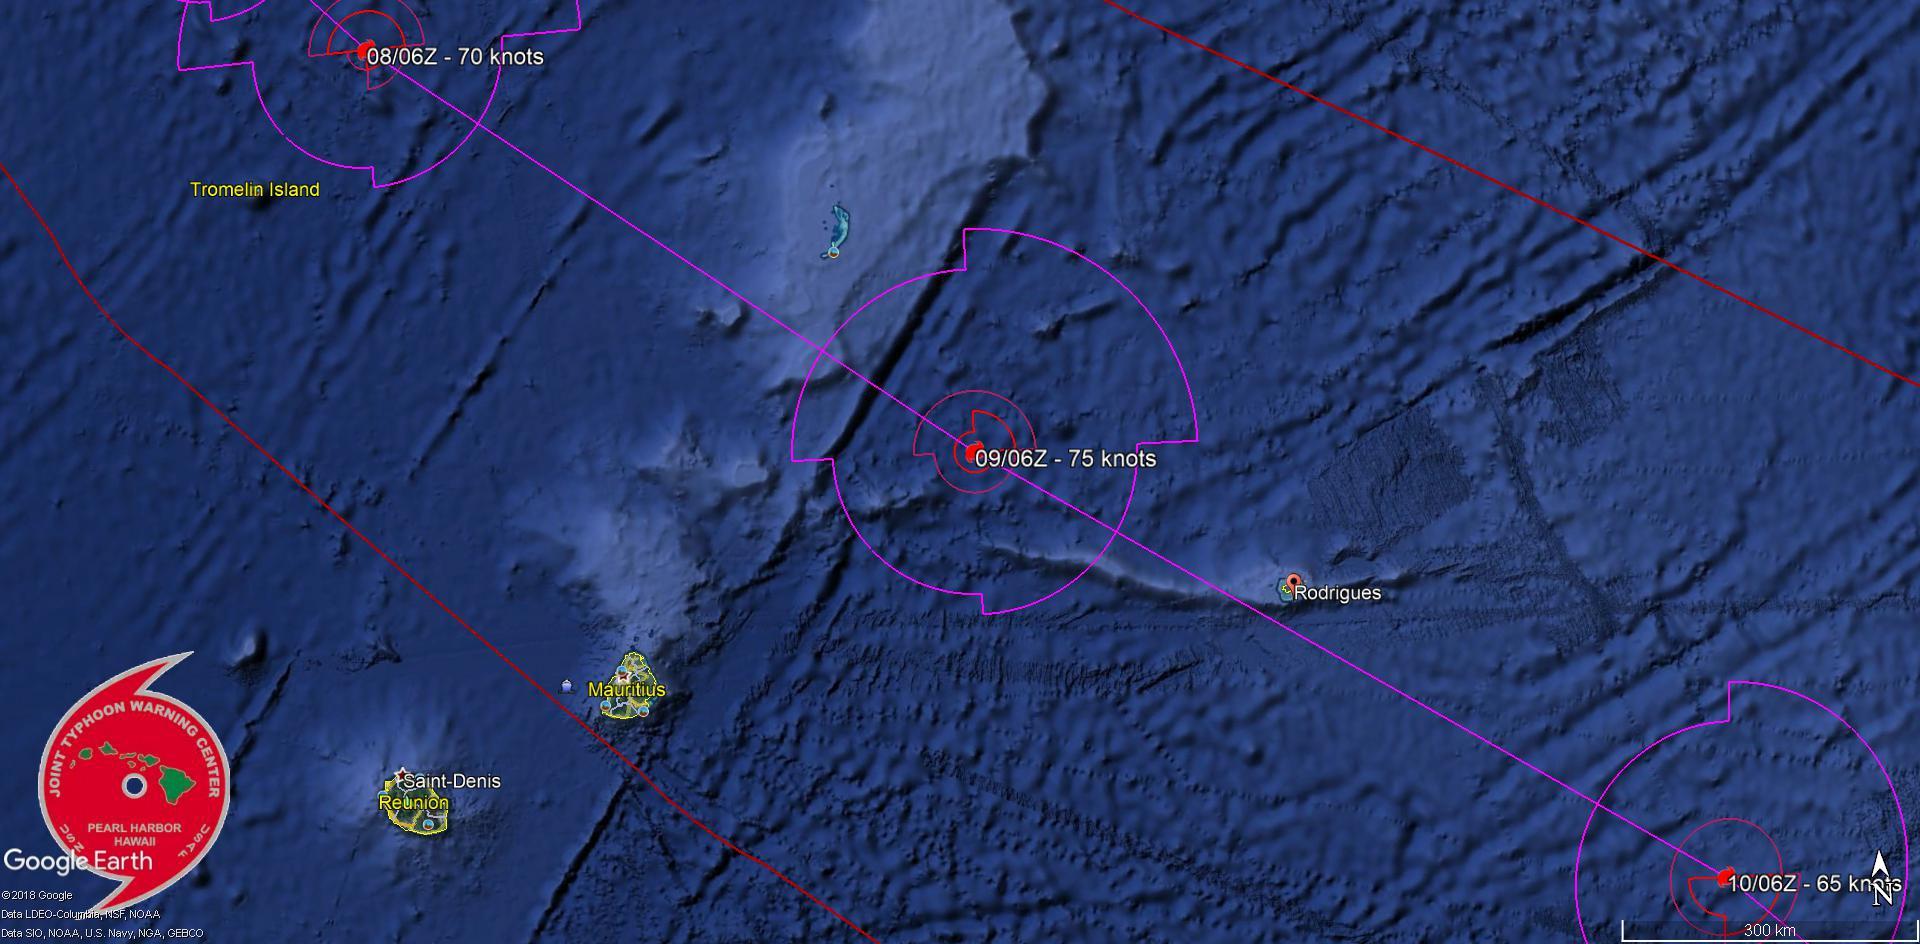 Trajectoire et intensité prévues pour GELENA par le JTWC à l'heure actuelle. Le système pourrait passer très près de Rodrigues dans la journée de Samedi au stade de cyclone tropical.